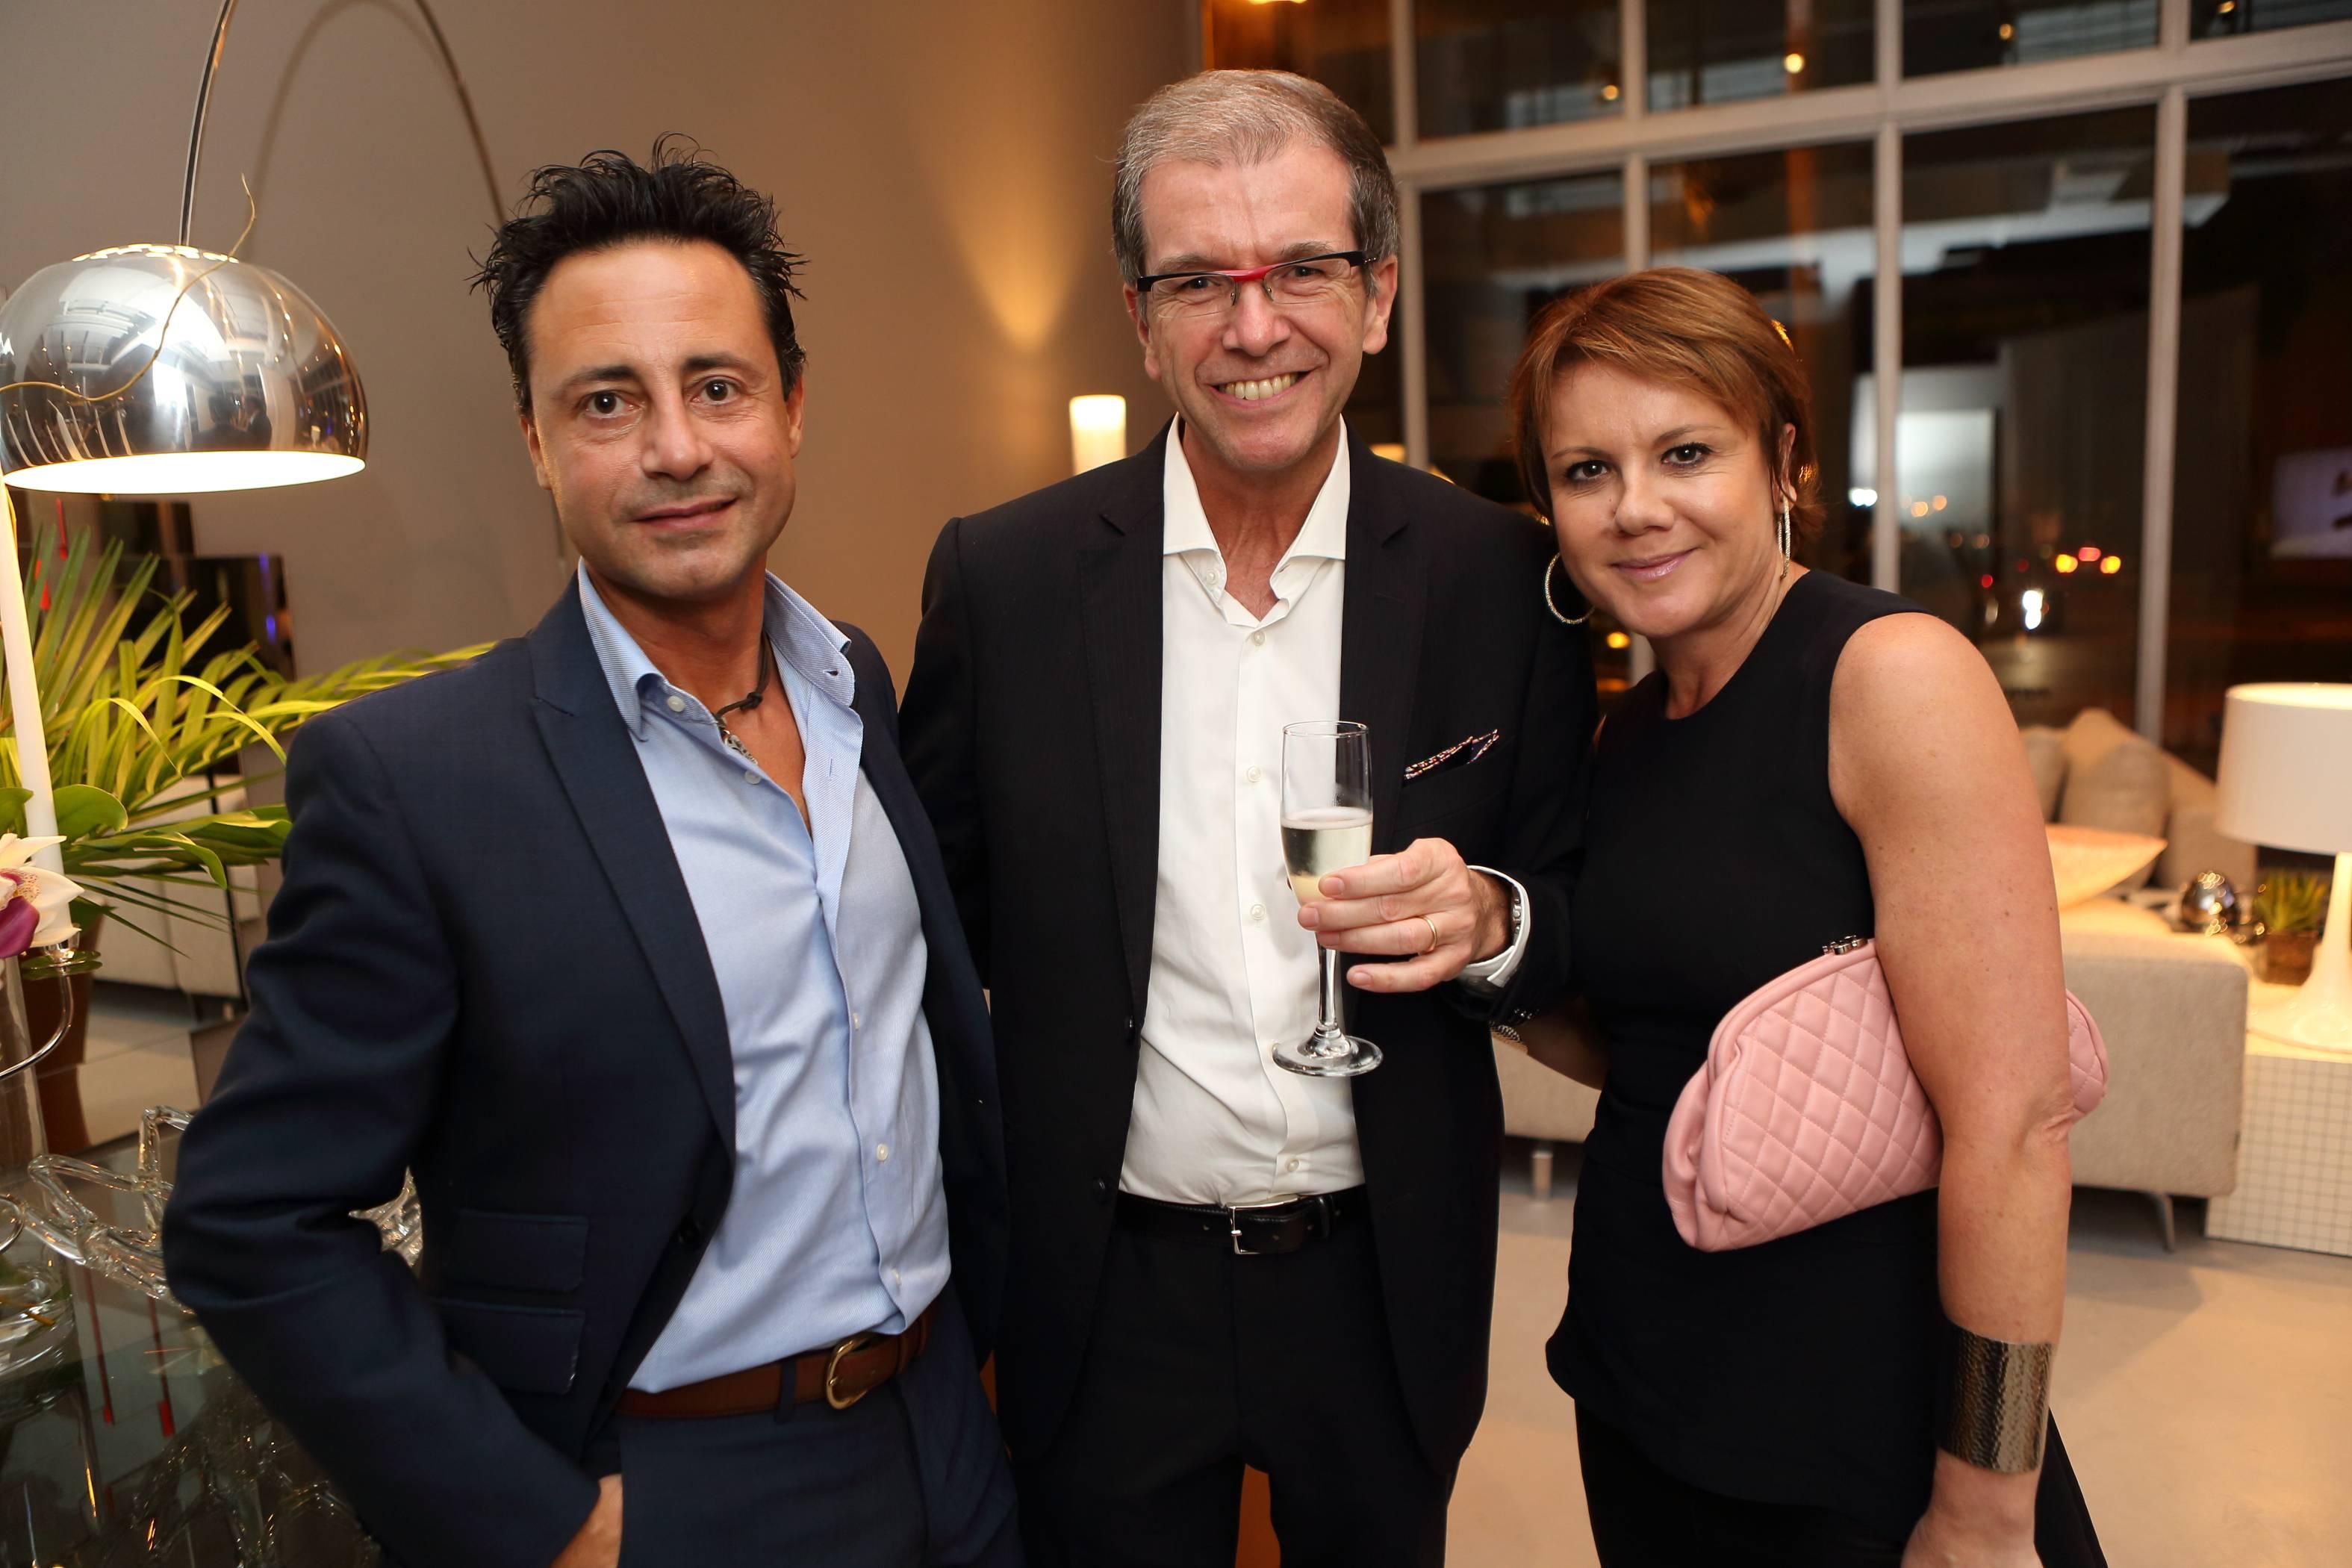 Francesco Piccirillo, Gian Rizzi, Laura Marzillli